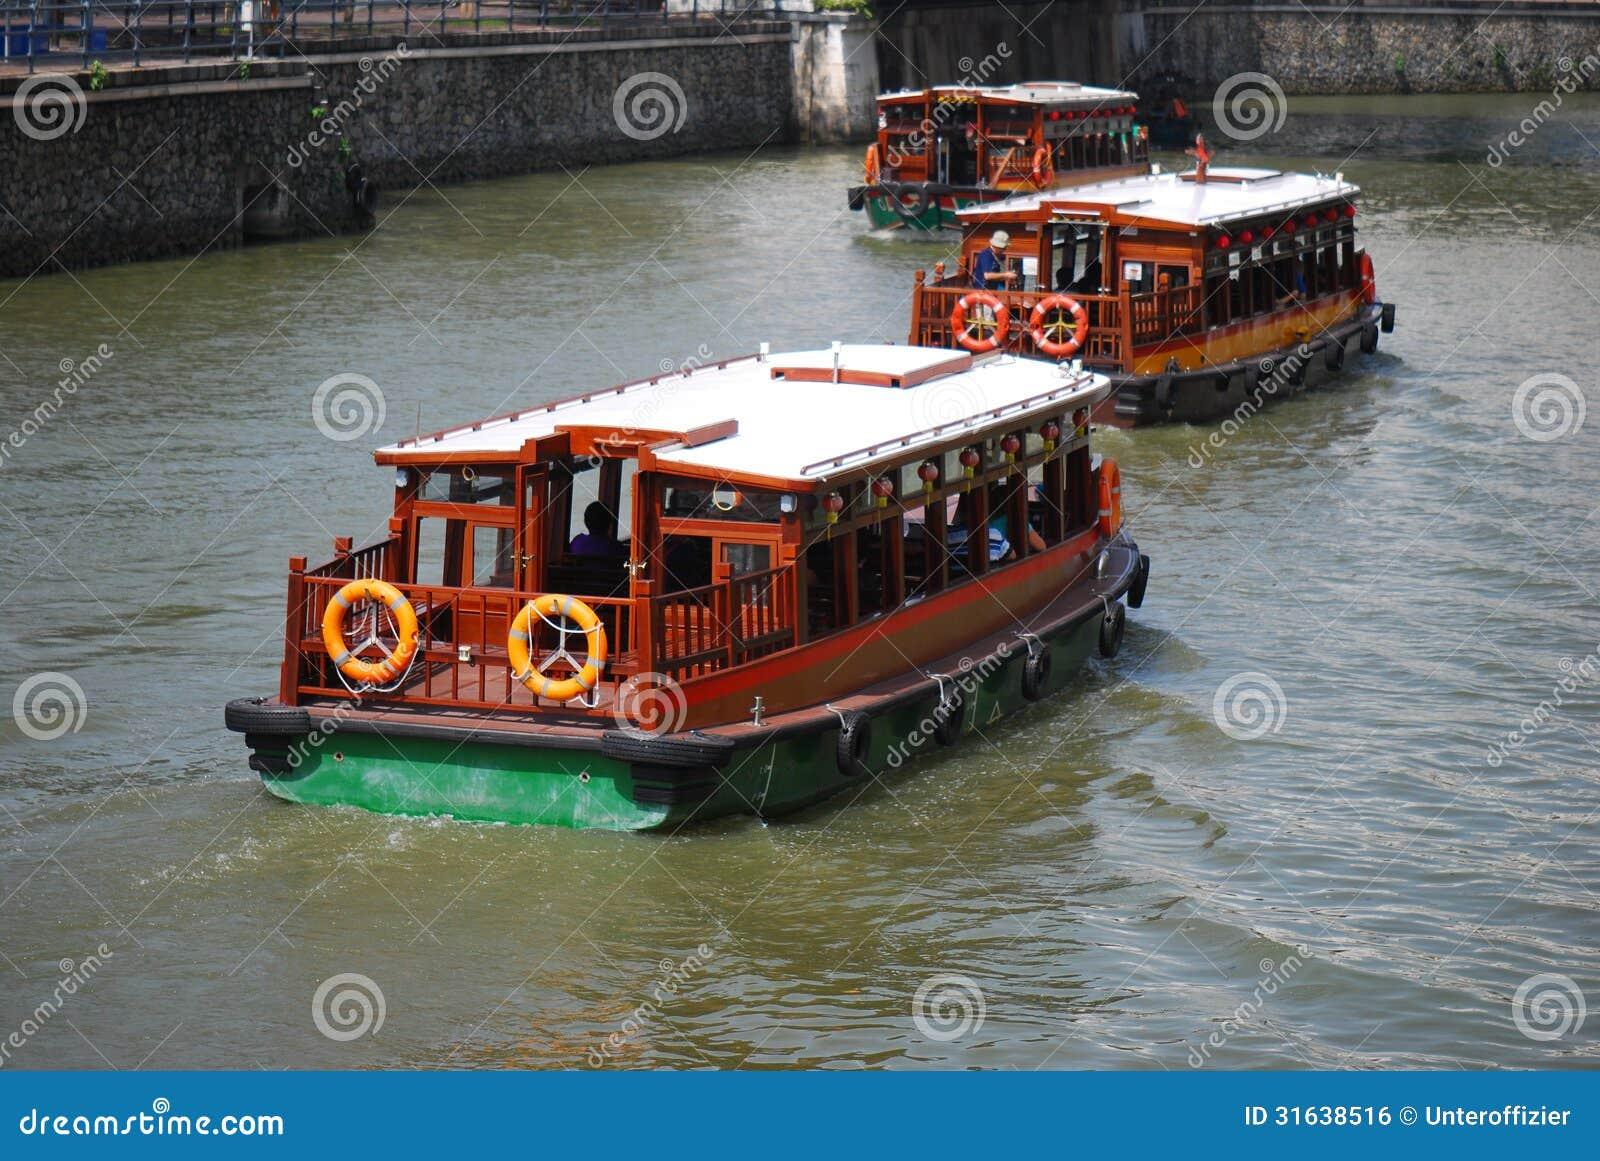 Barcos de rio